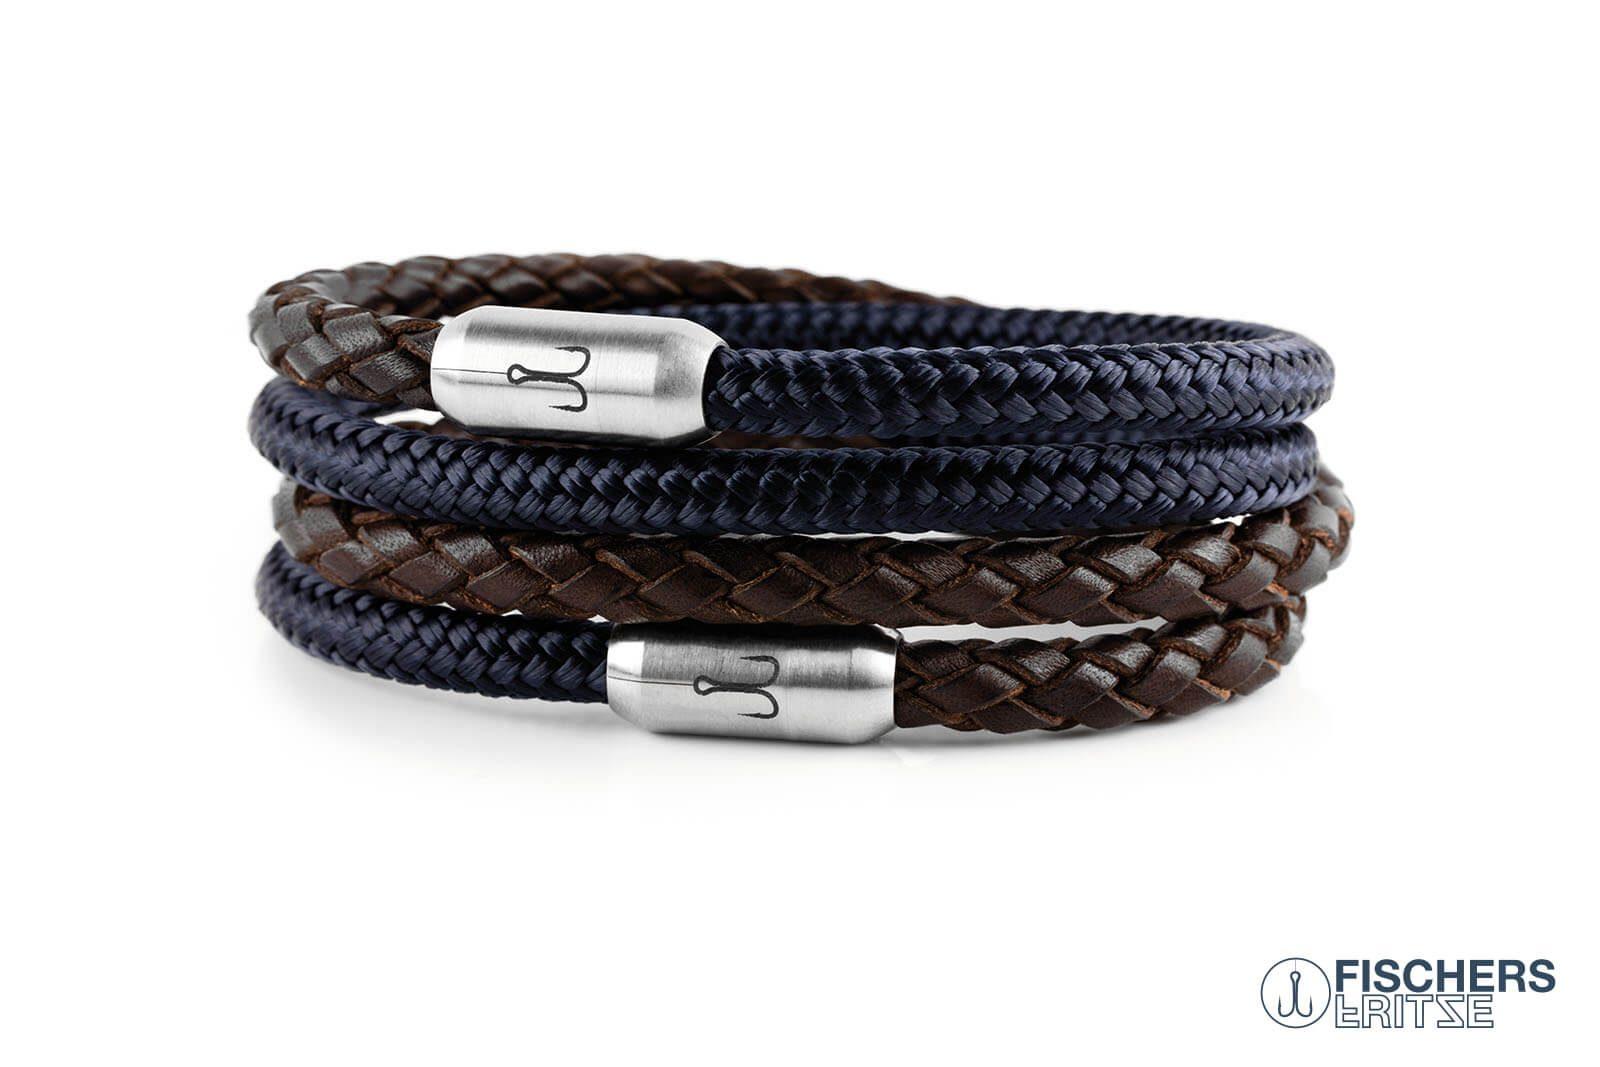 Wickelarmband Kombination Leder braun geflochten und Segeltau marineblau mit Fischers Fritze Gravur